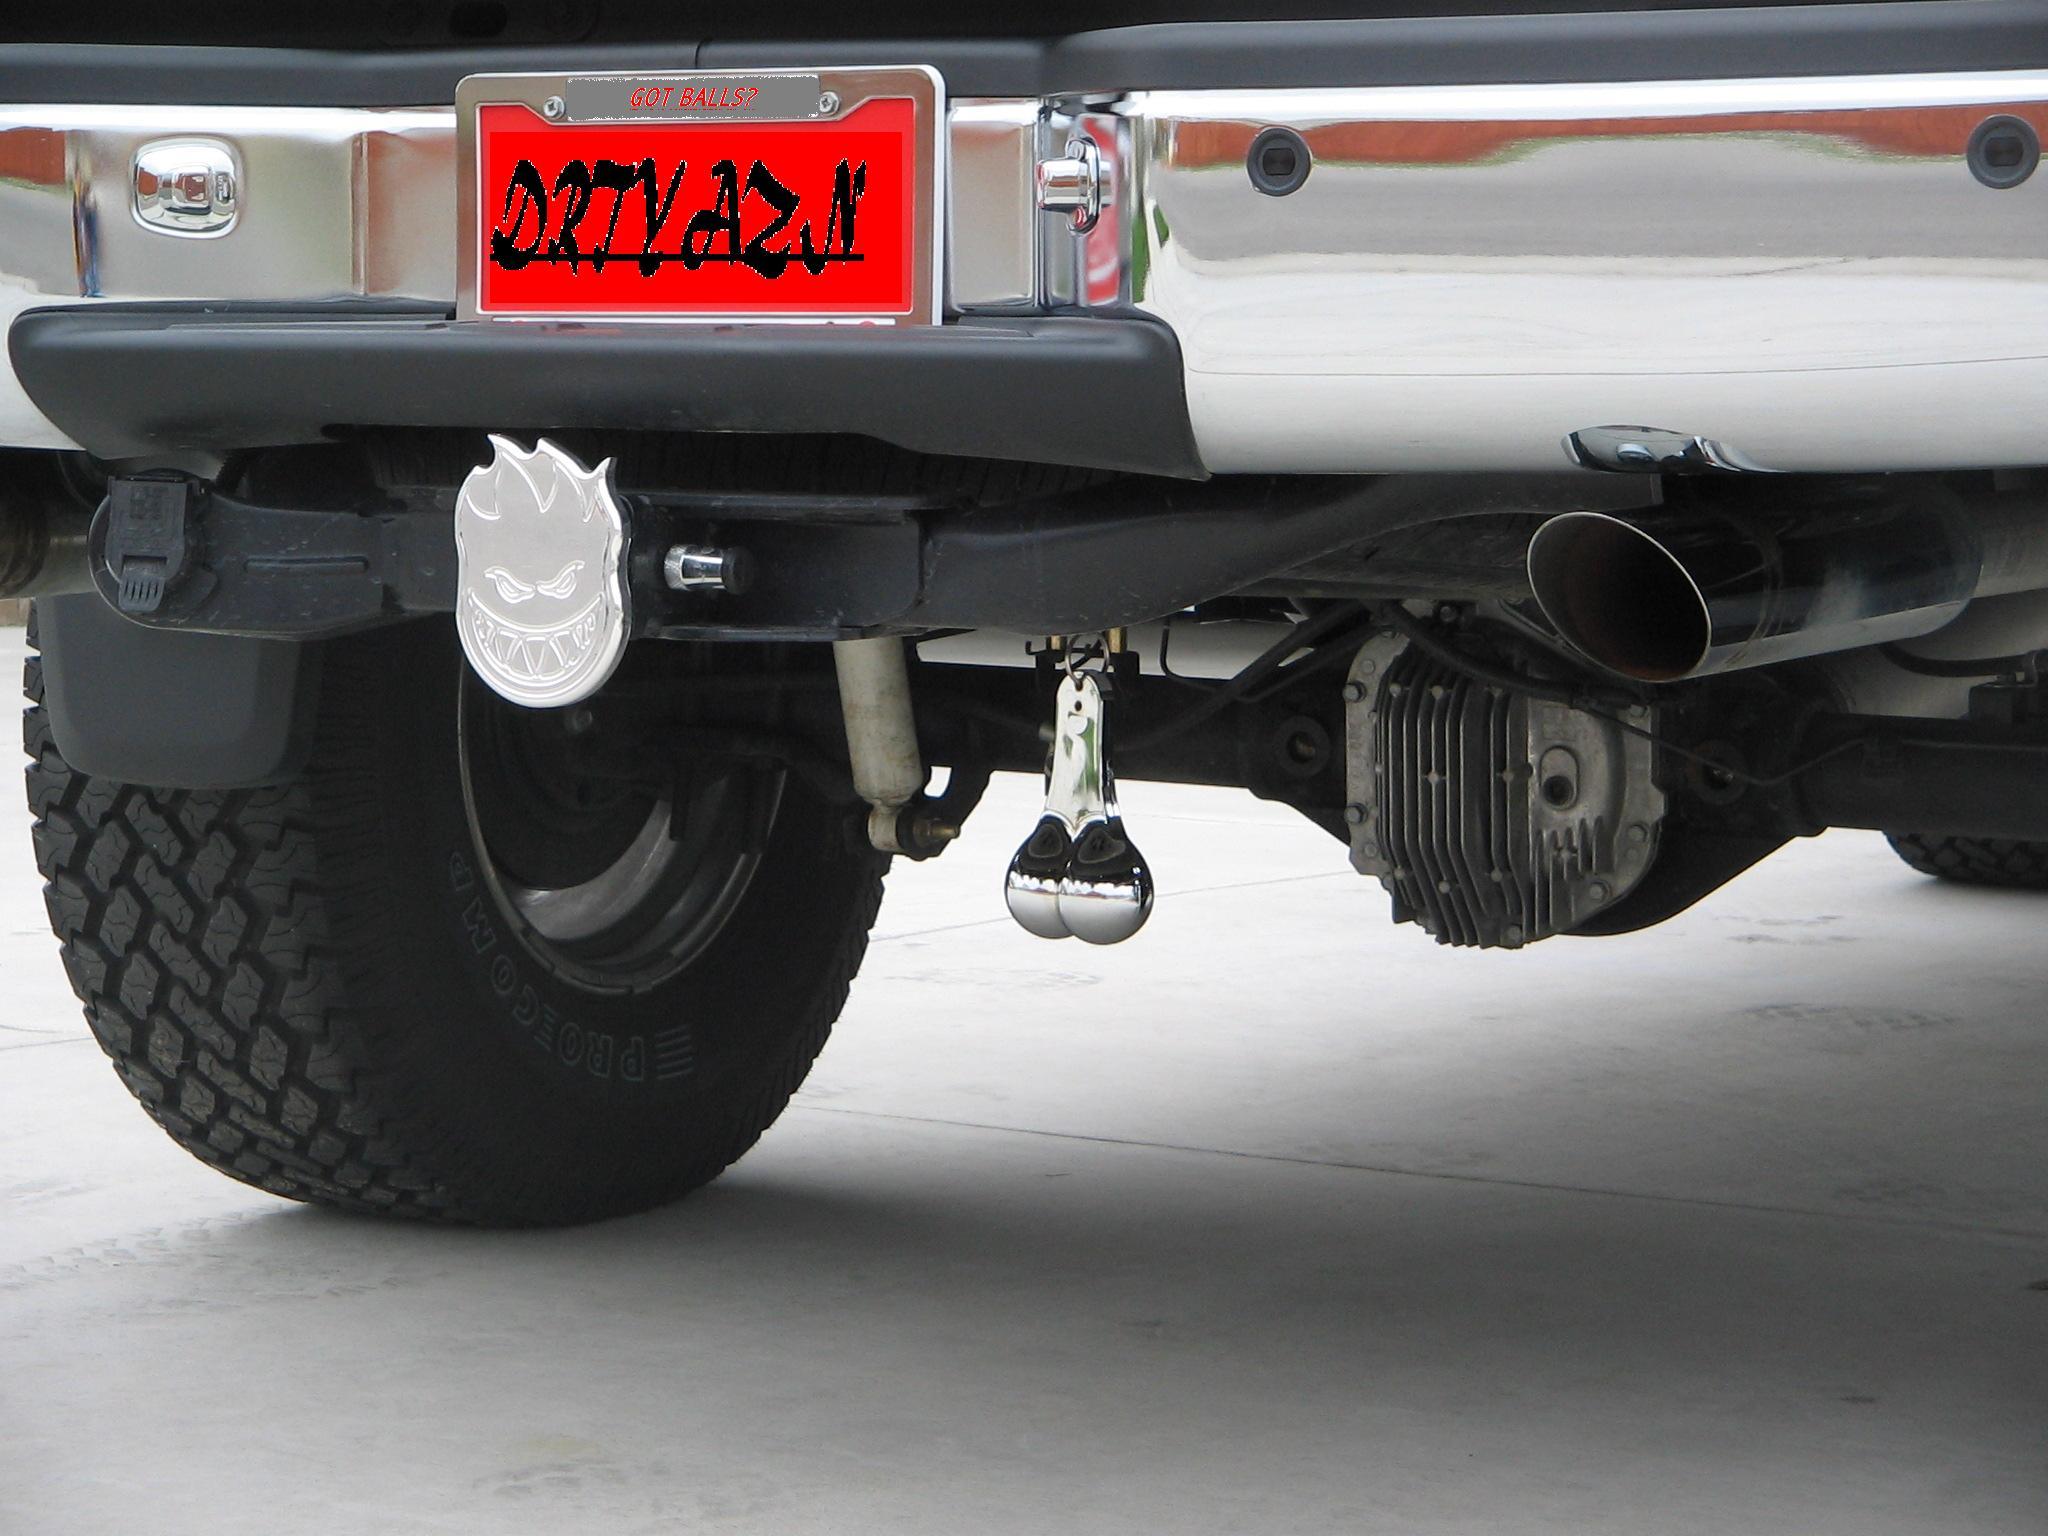 Re: Truck Nutz Installed